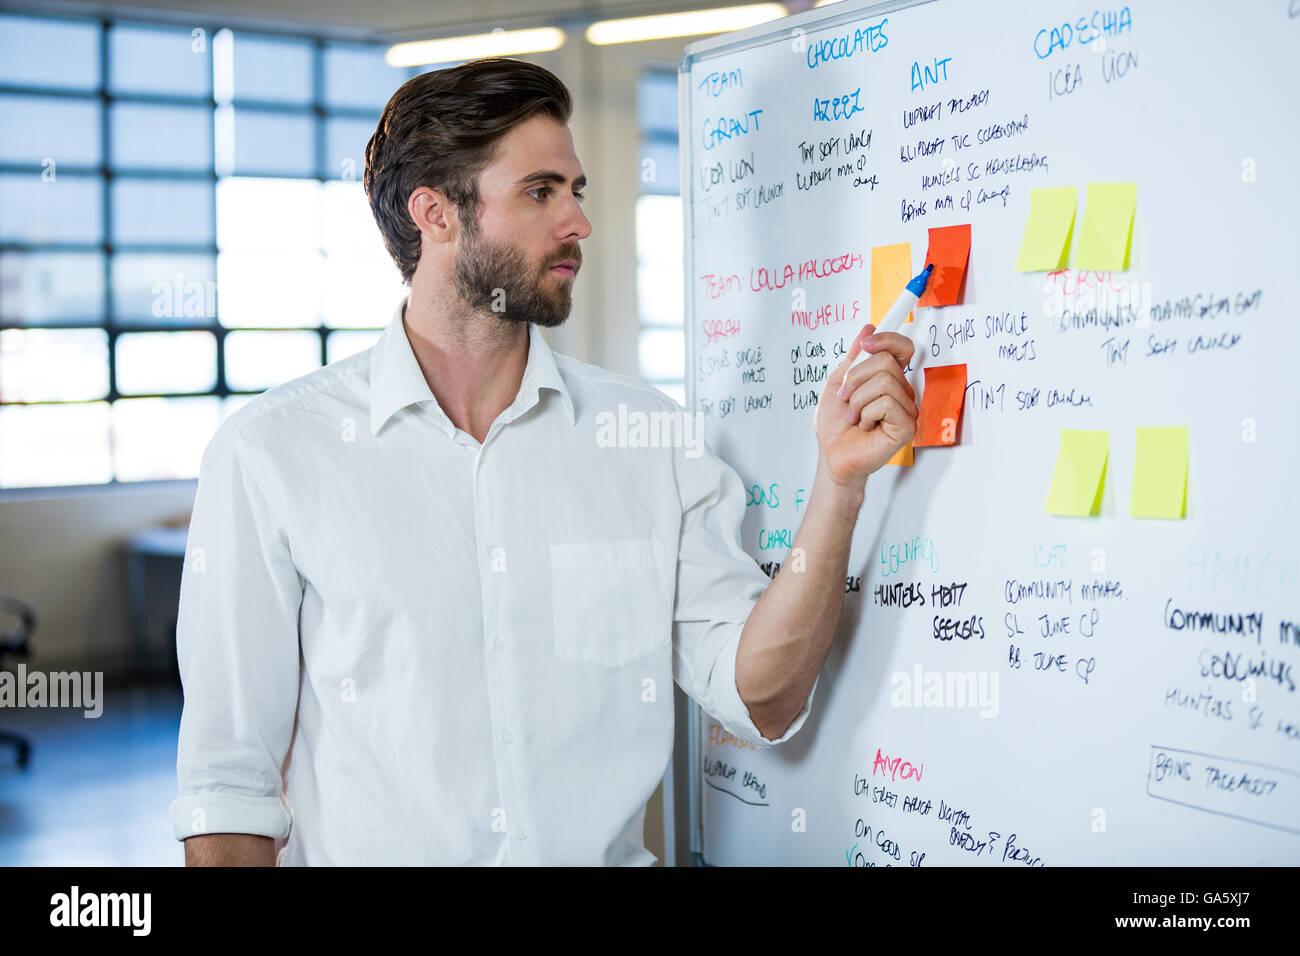 Imprenditore puntando su una nota adesiva Immagini Stock